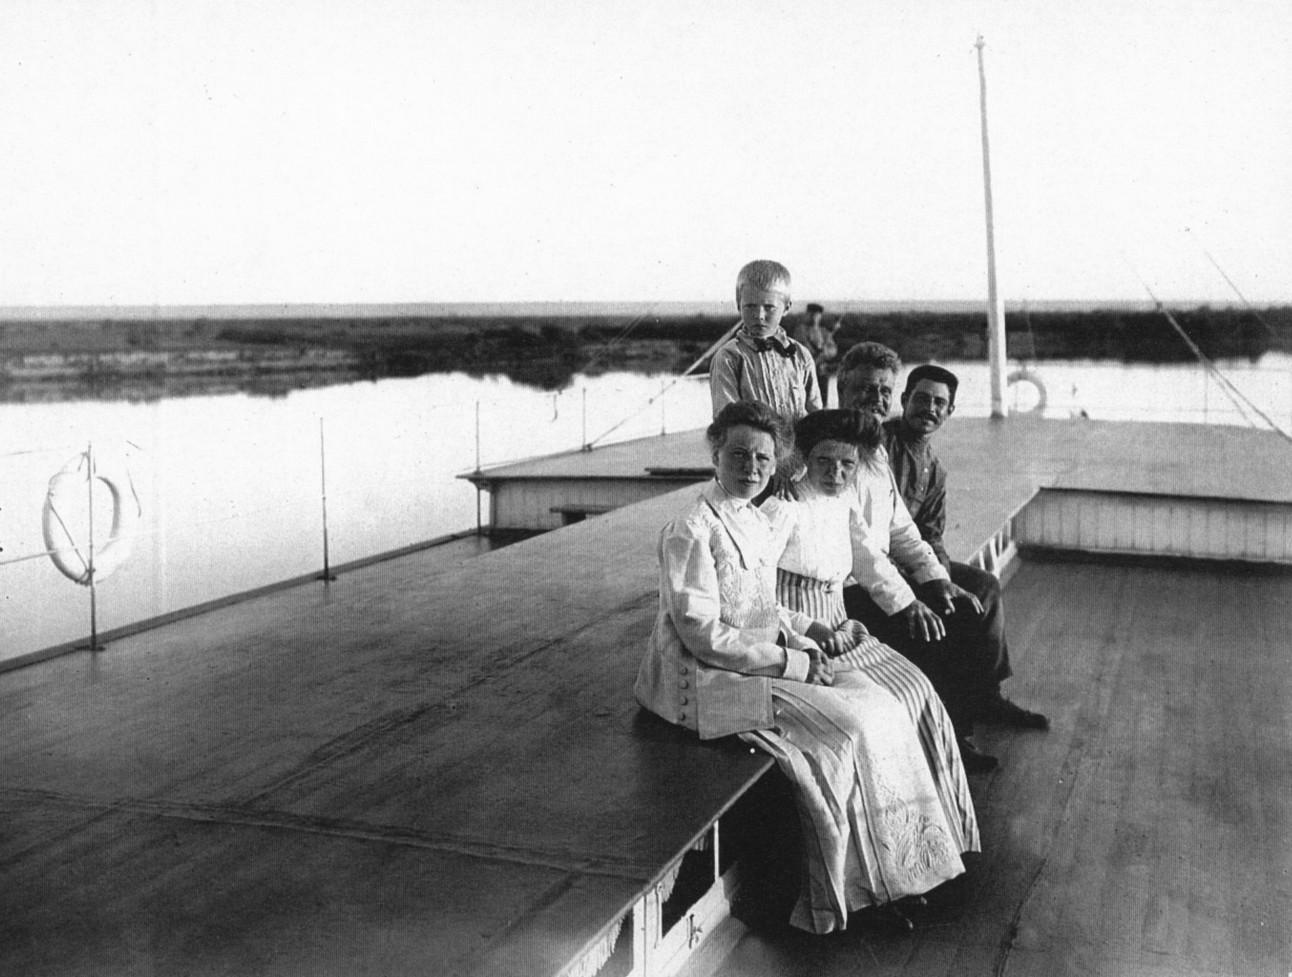 фото Тайна «Сибирского «Титаника»: как у Новониколаевска затонул пароход «Совнарком» и почему никто не ответил за гибель 300 пассажиров 2